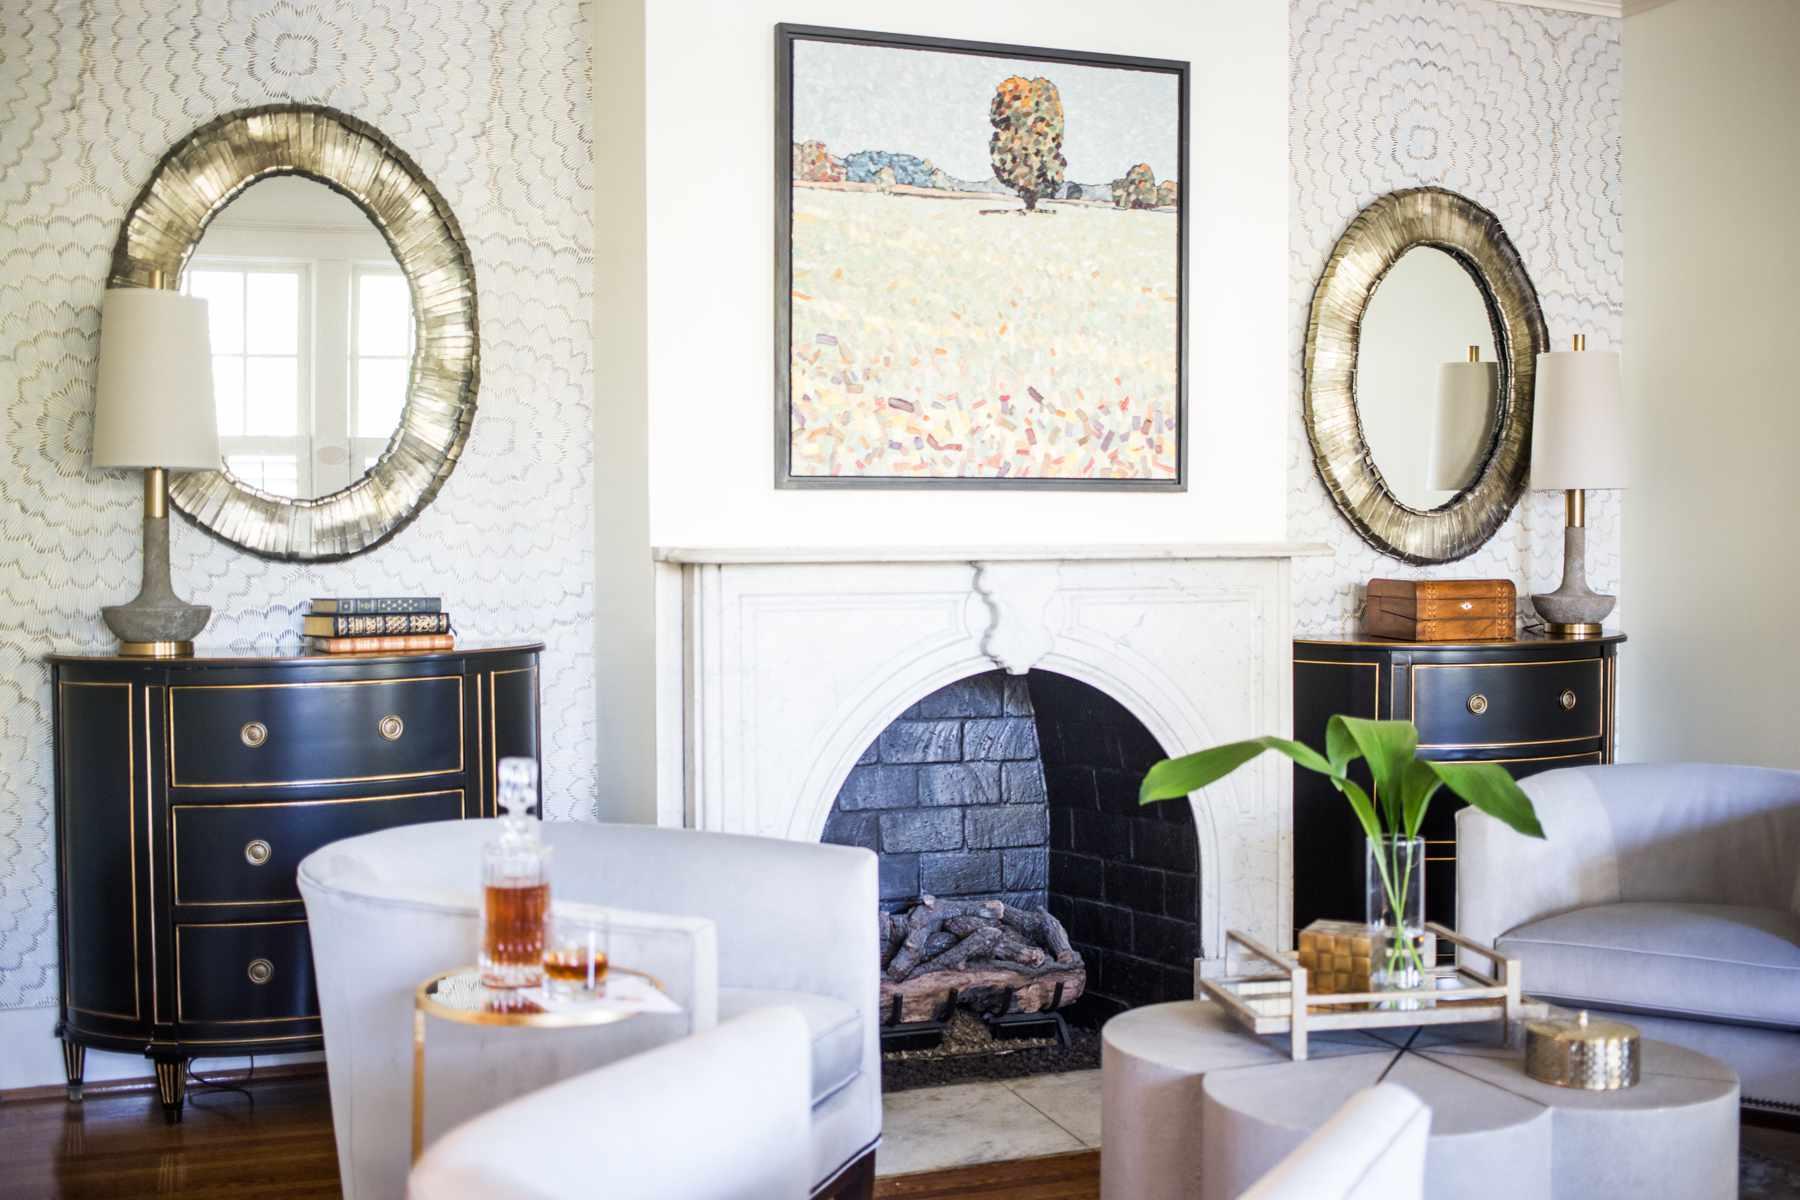 symmetrical traditional interior design